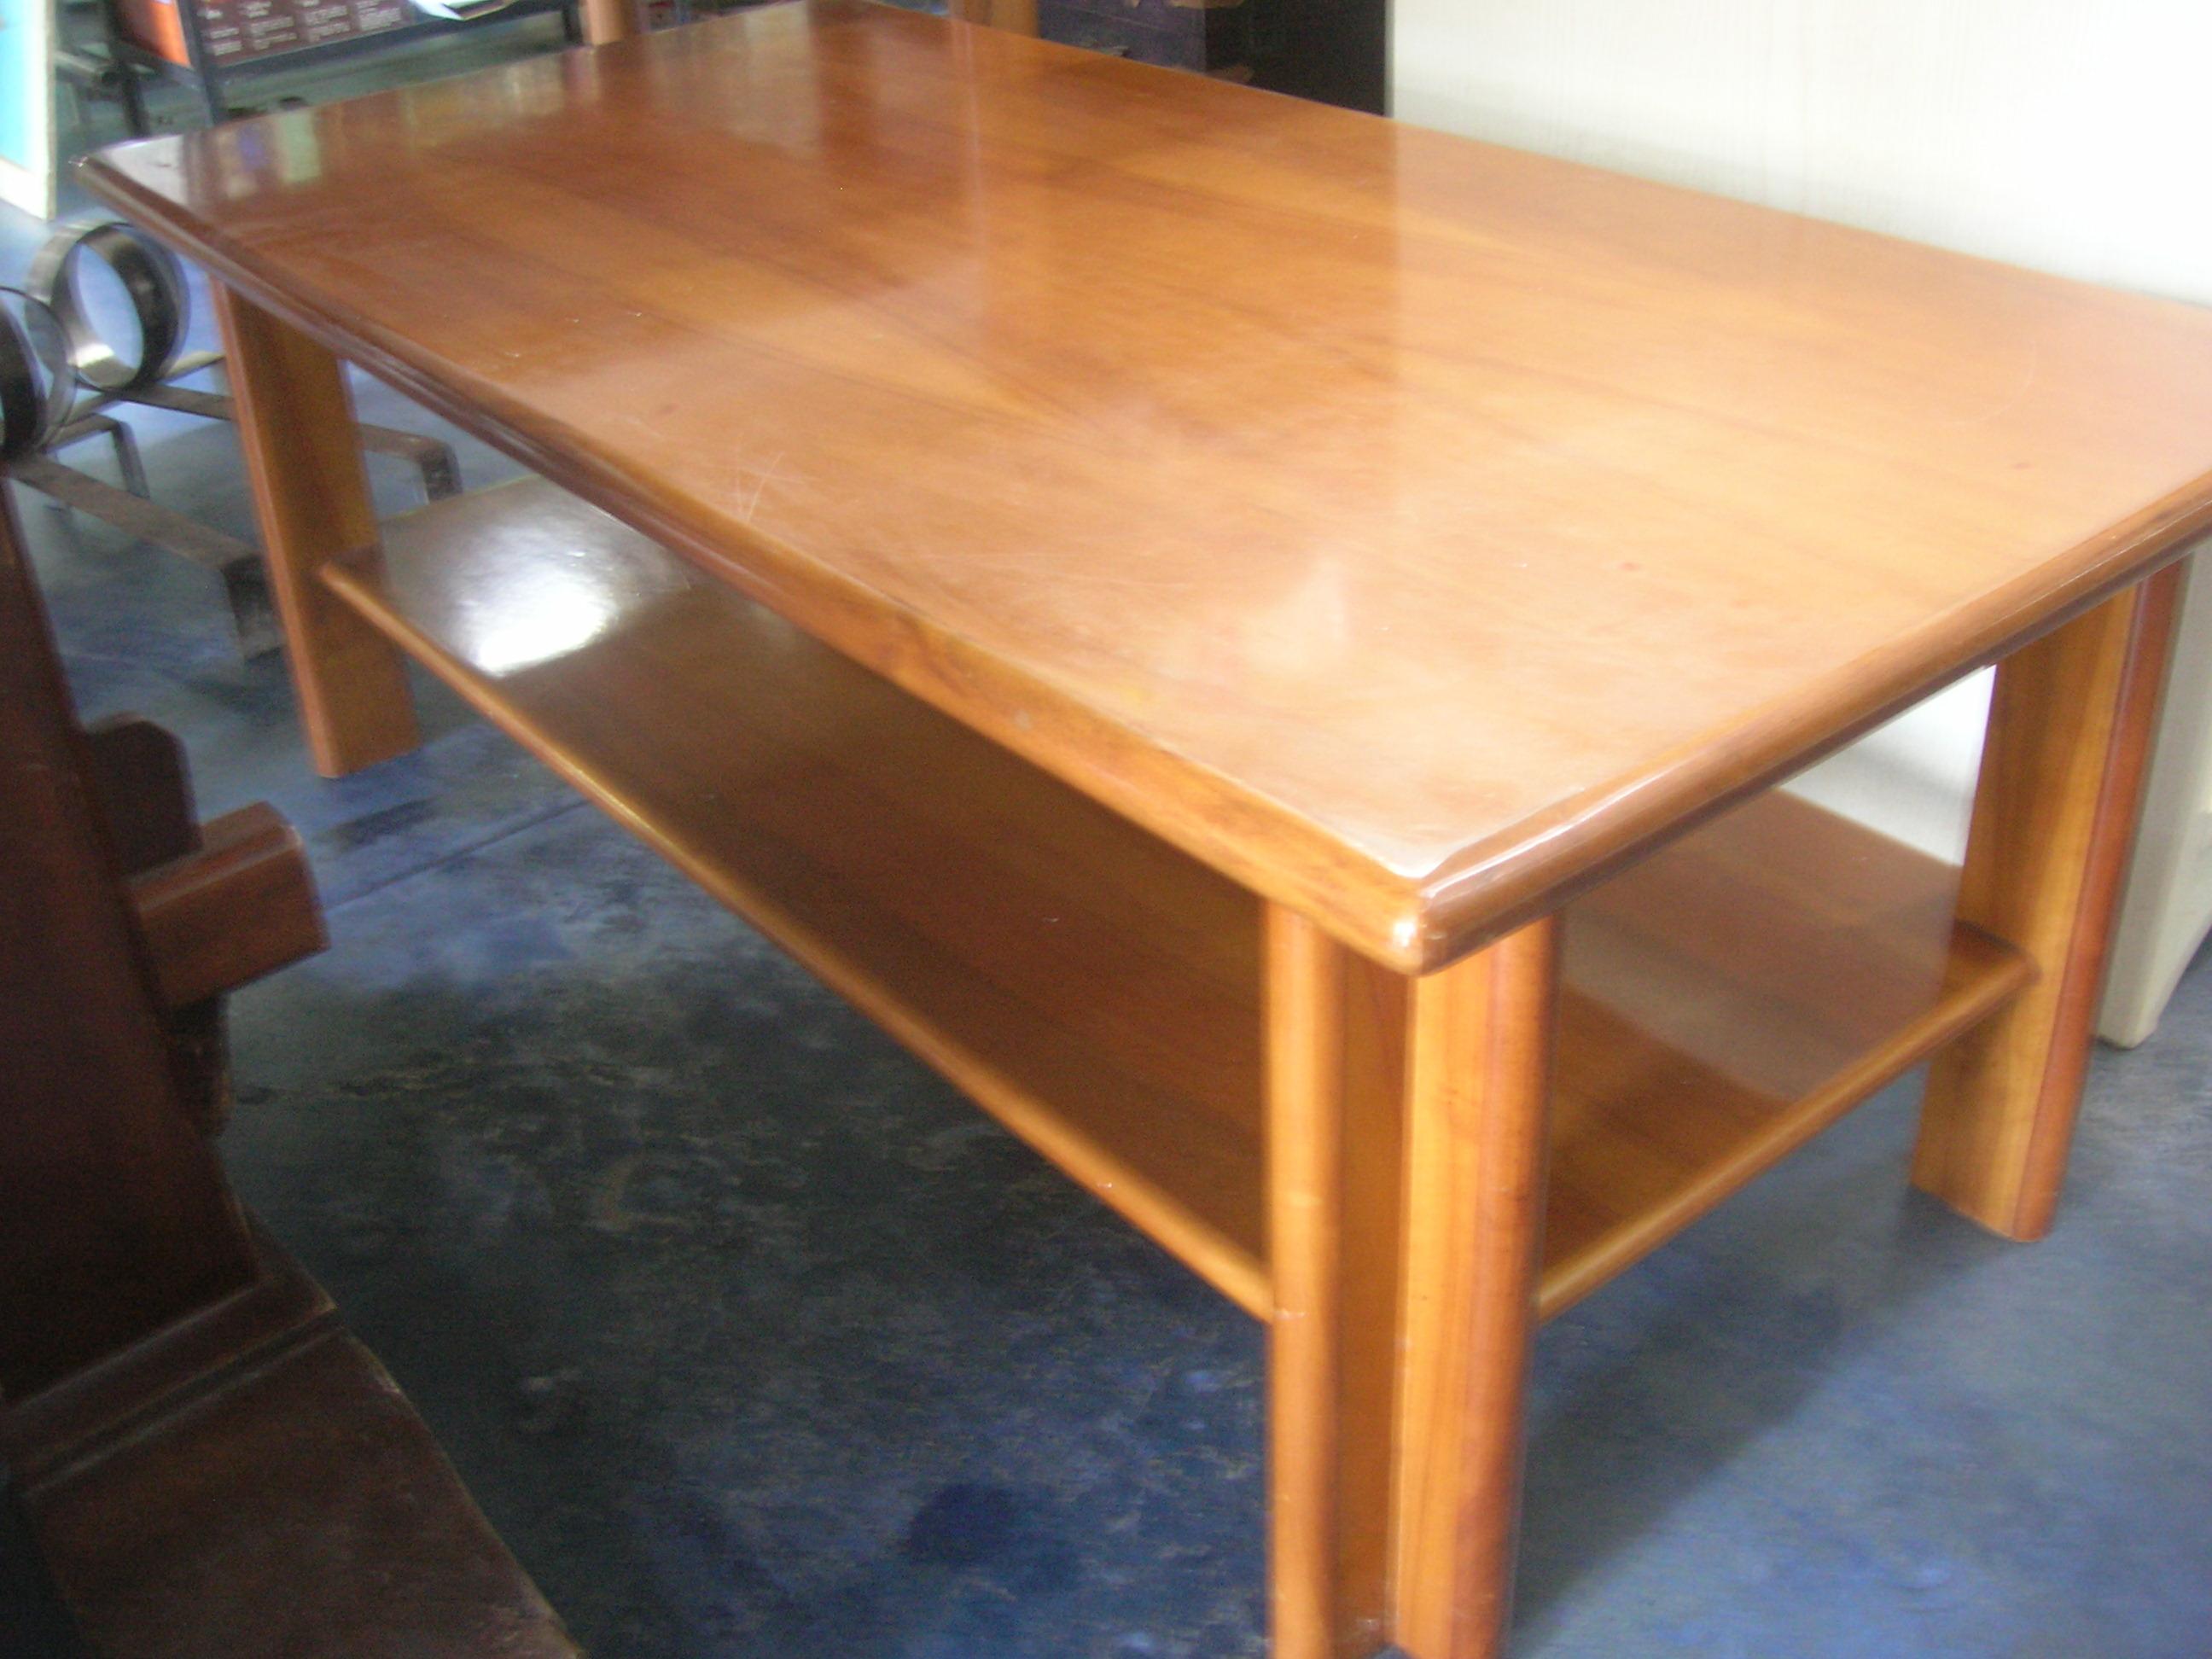 tavolino salotto - Emporia I supermercati dell\'usato > Annunci